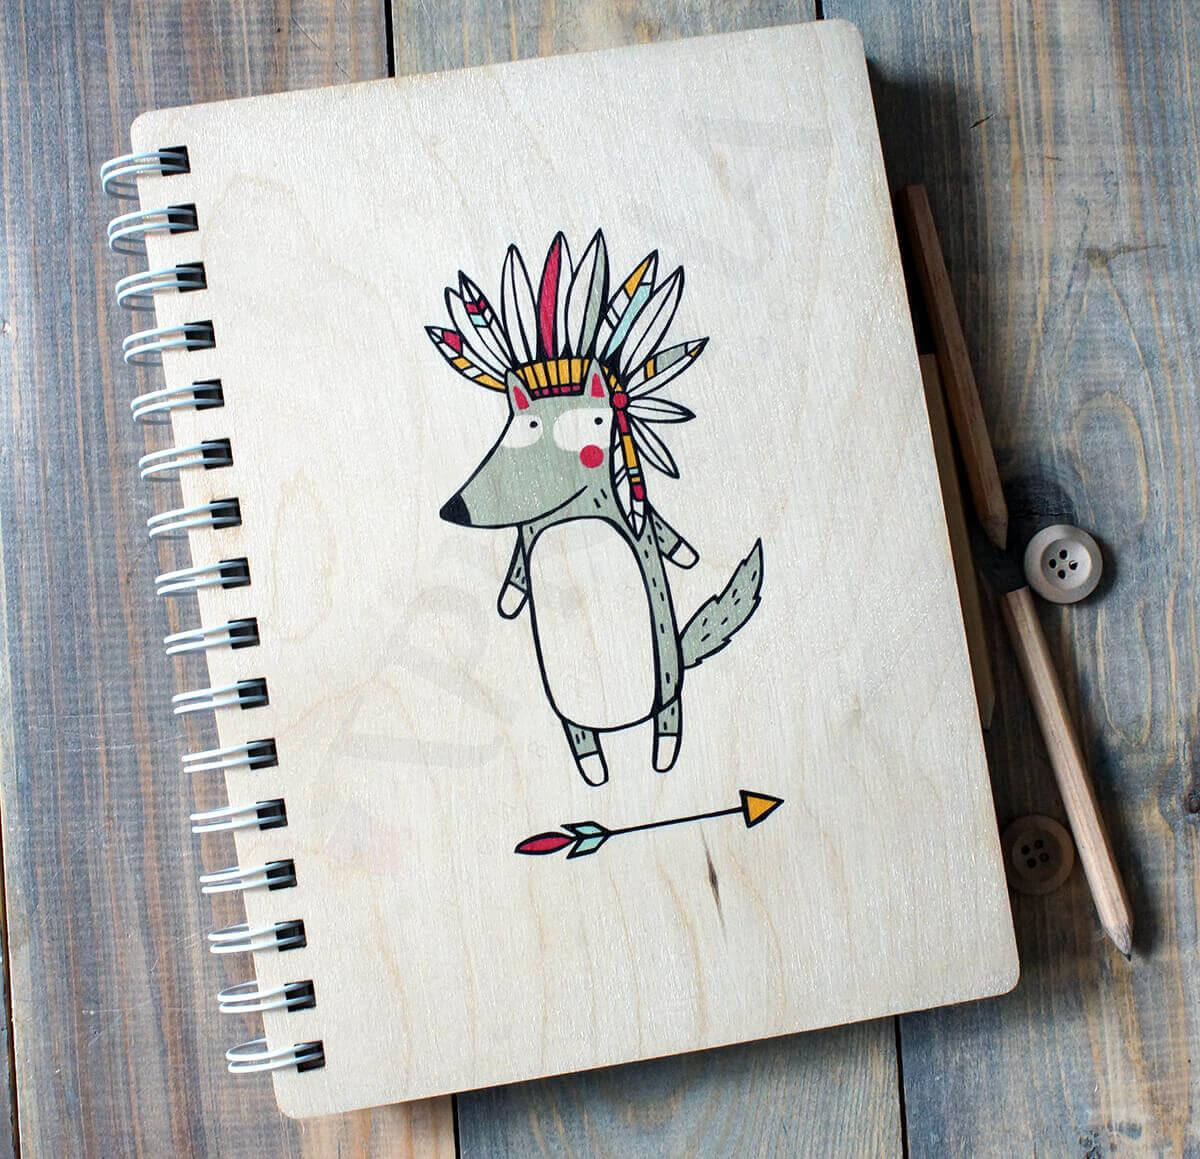 Открыток, фото прикольных рисунков для срисовки в скетчбук девушки